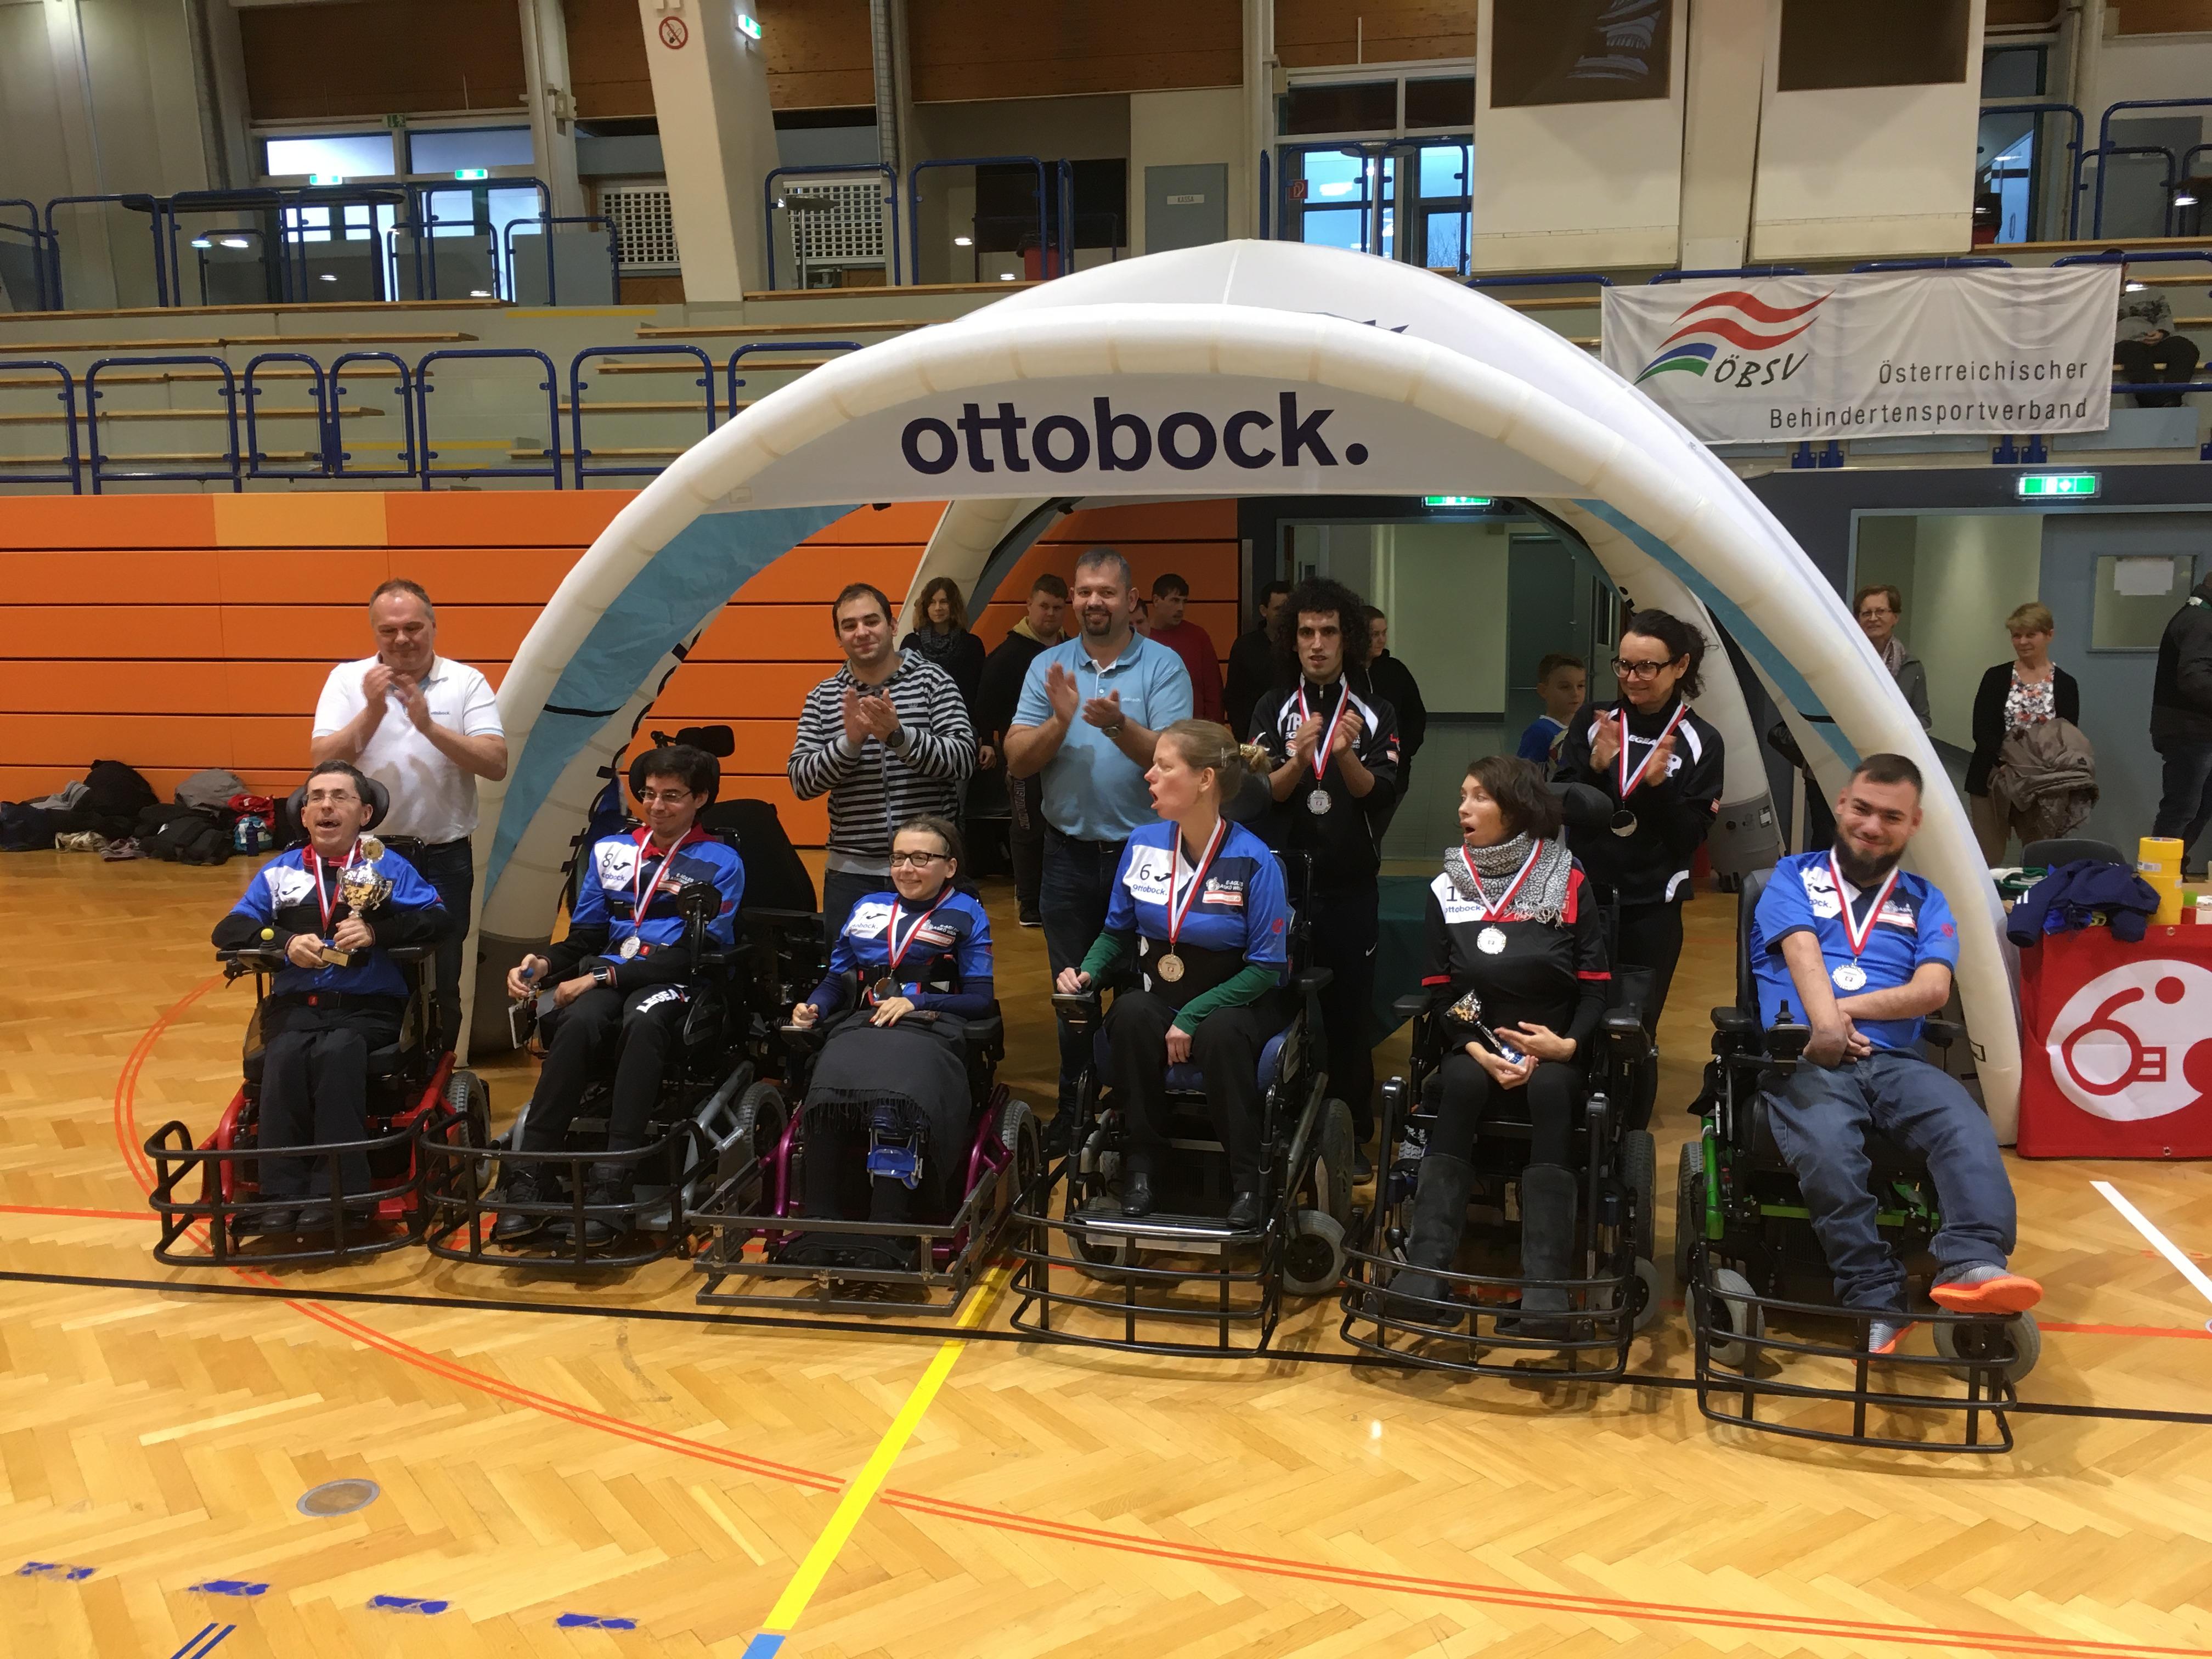 Thunder E-agles des ASKÖ Wien gewinnen Superliga ottobock.CUP 2017